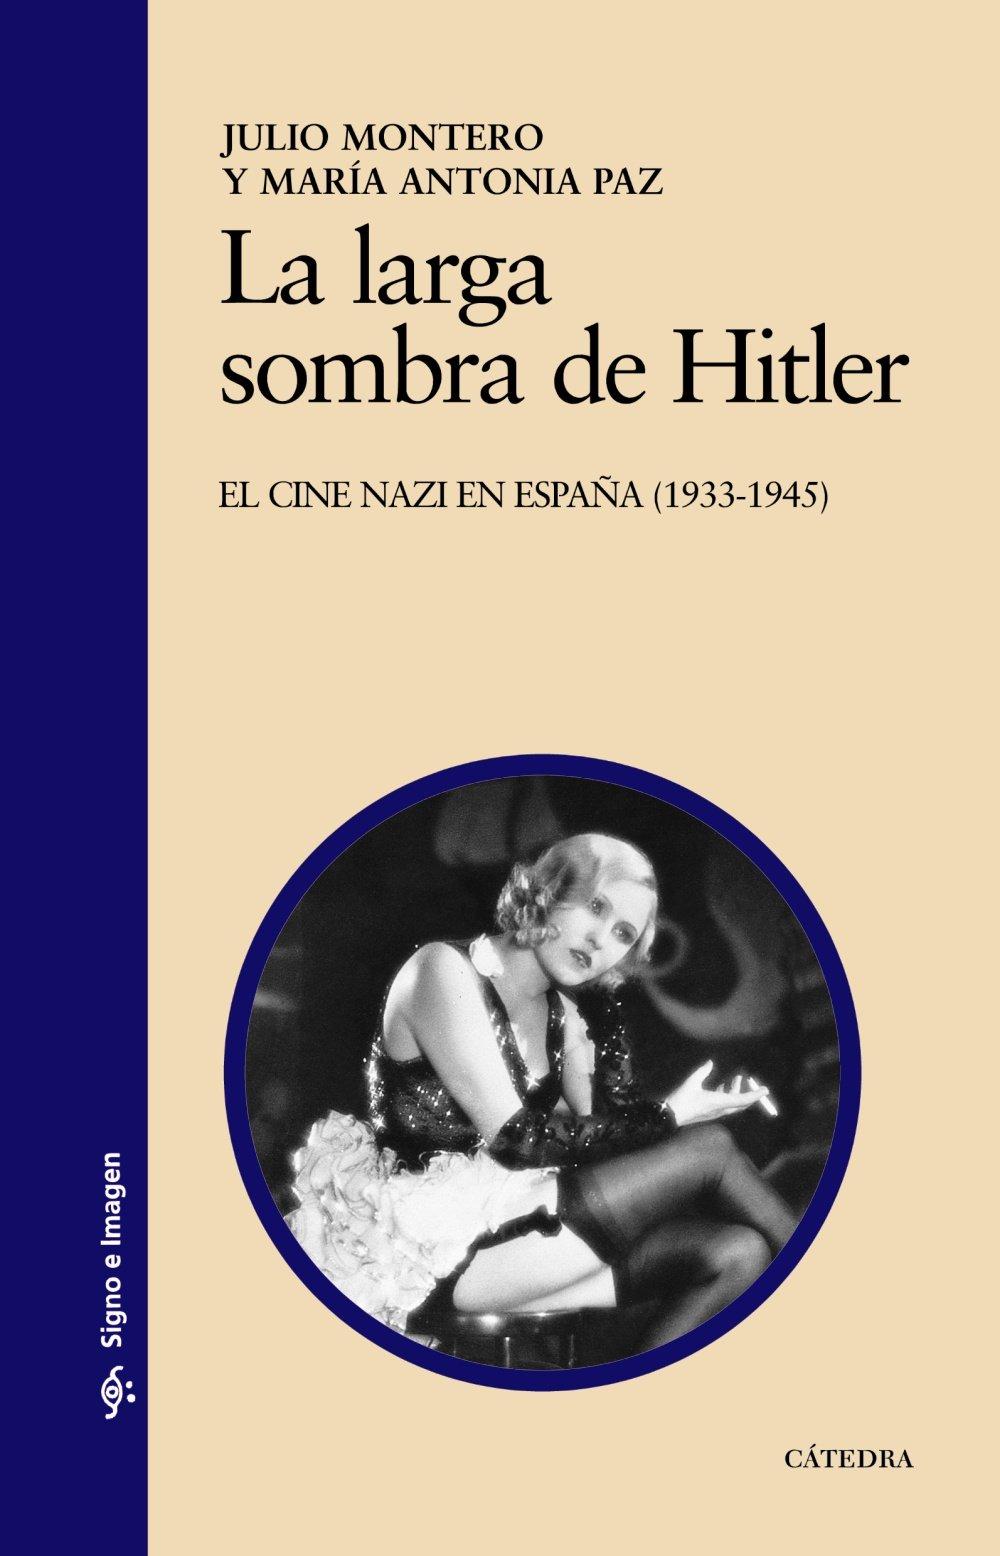 La larga sombra de Hitler: El cine nazi en España 1933-1945 Signo e imagen: Amazon.es: Montero, Julio, Paz, María Antonia: Libros